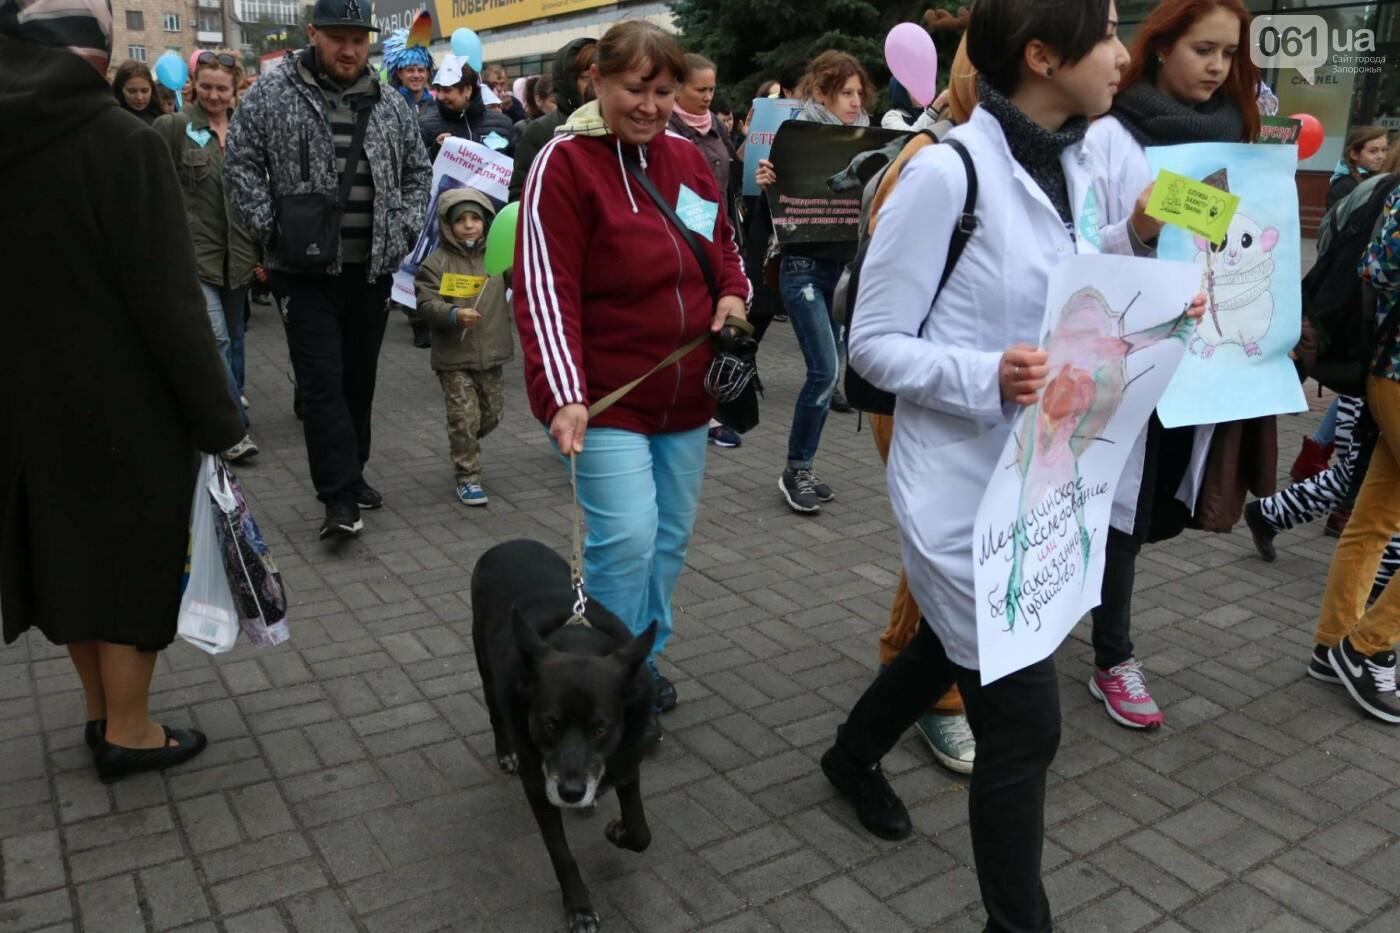 В Запорожье прошел марш за права животных, - ФОТОРЕПОРТАЖ, фото-18